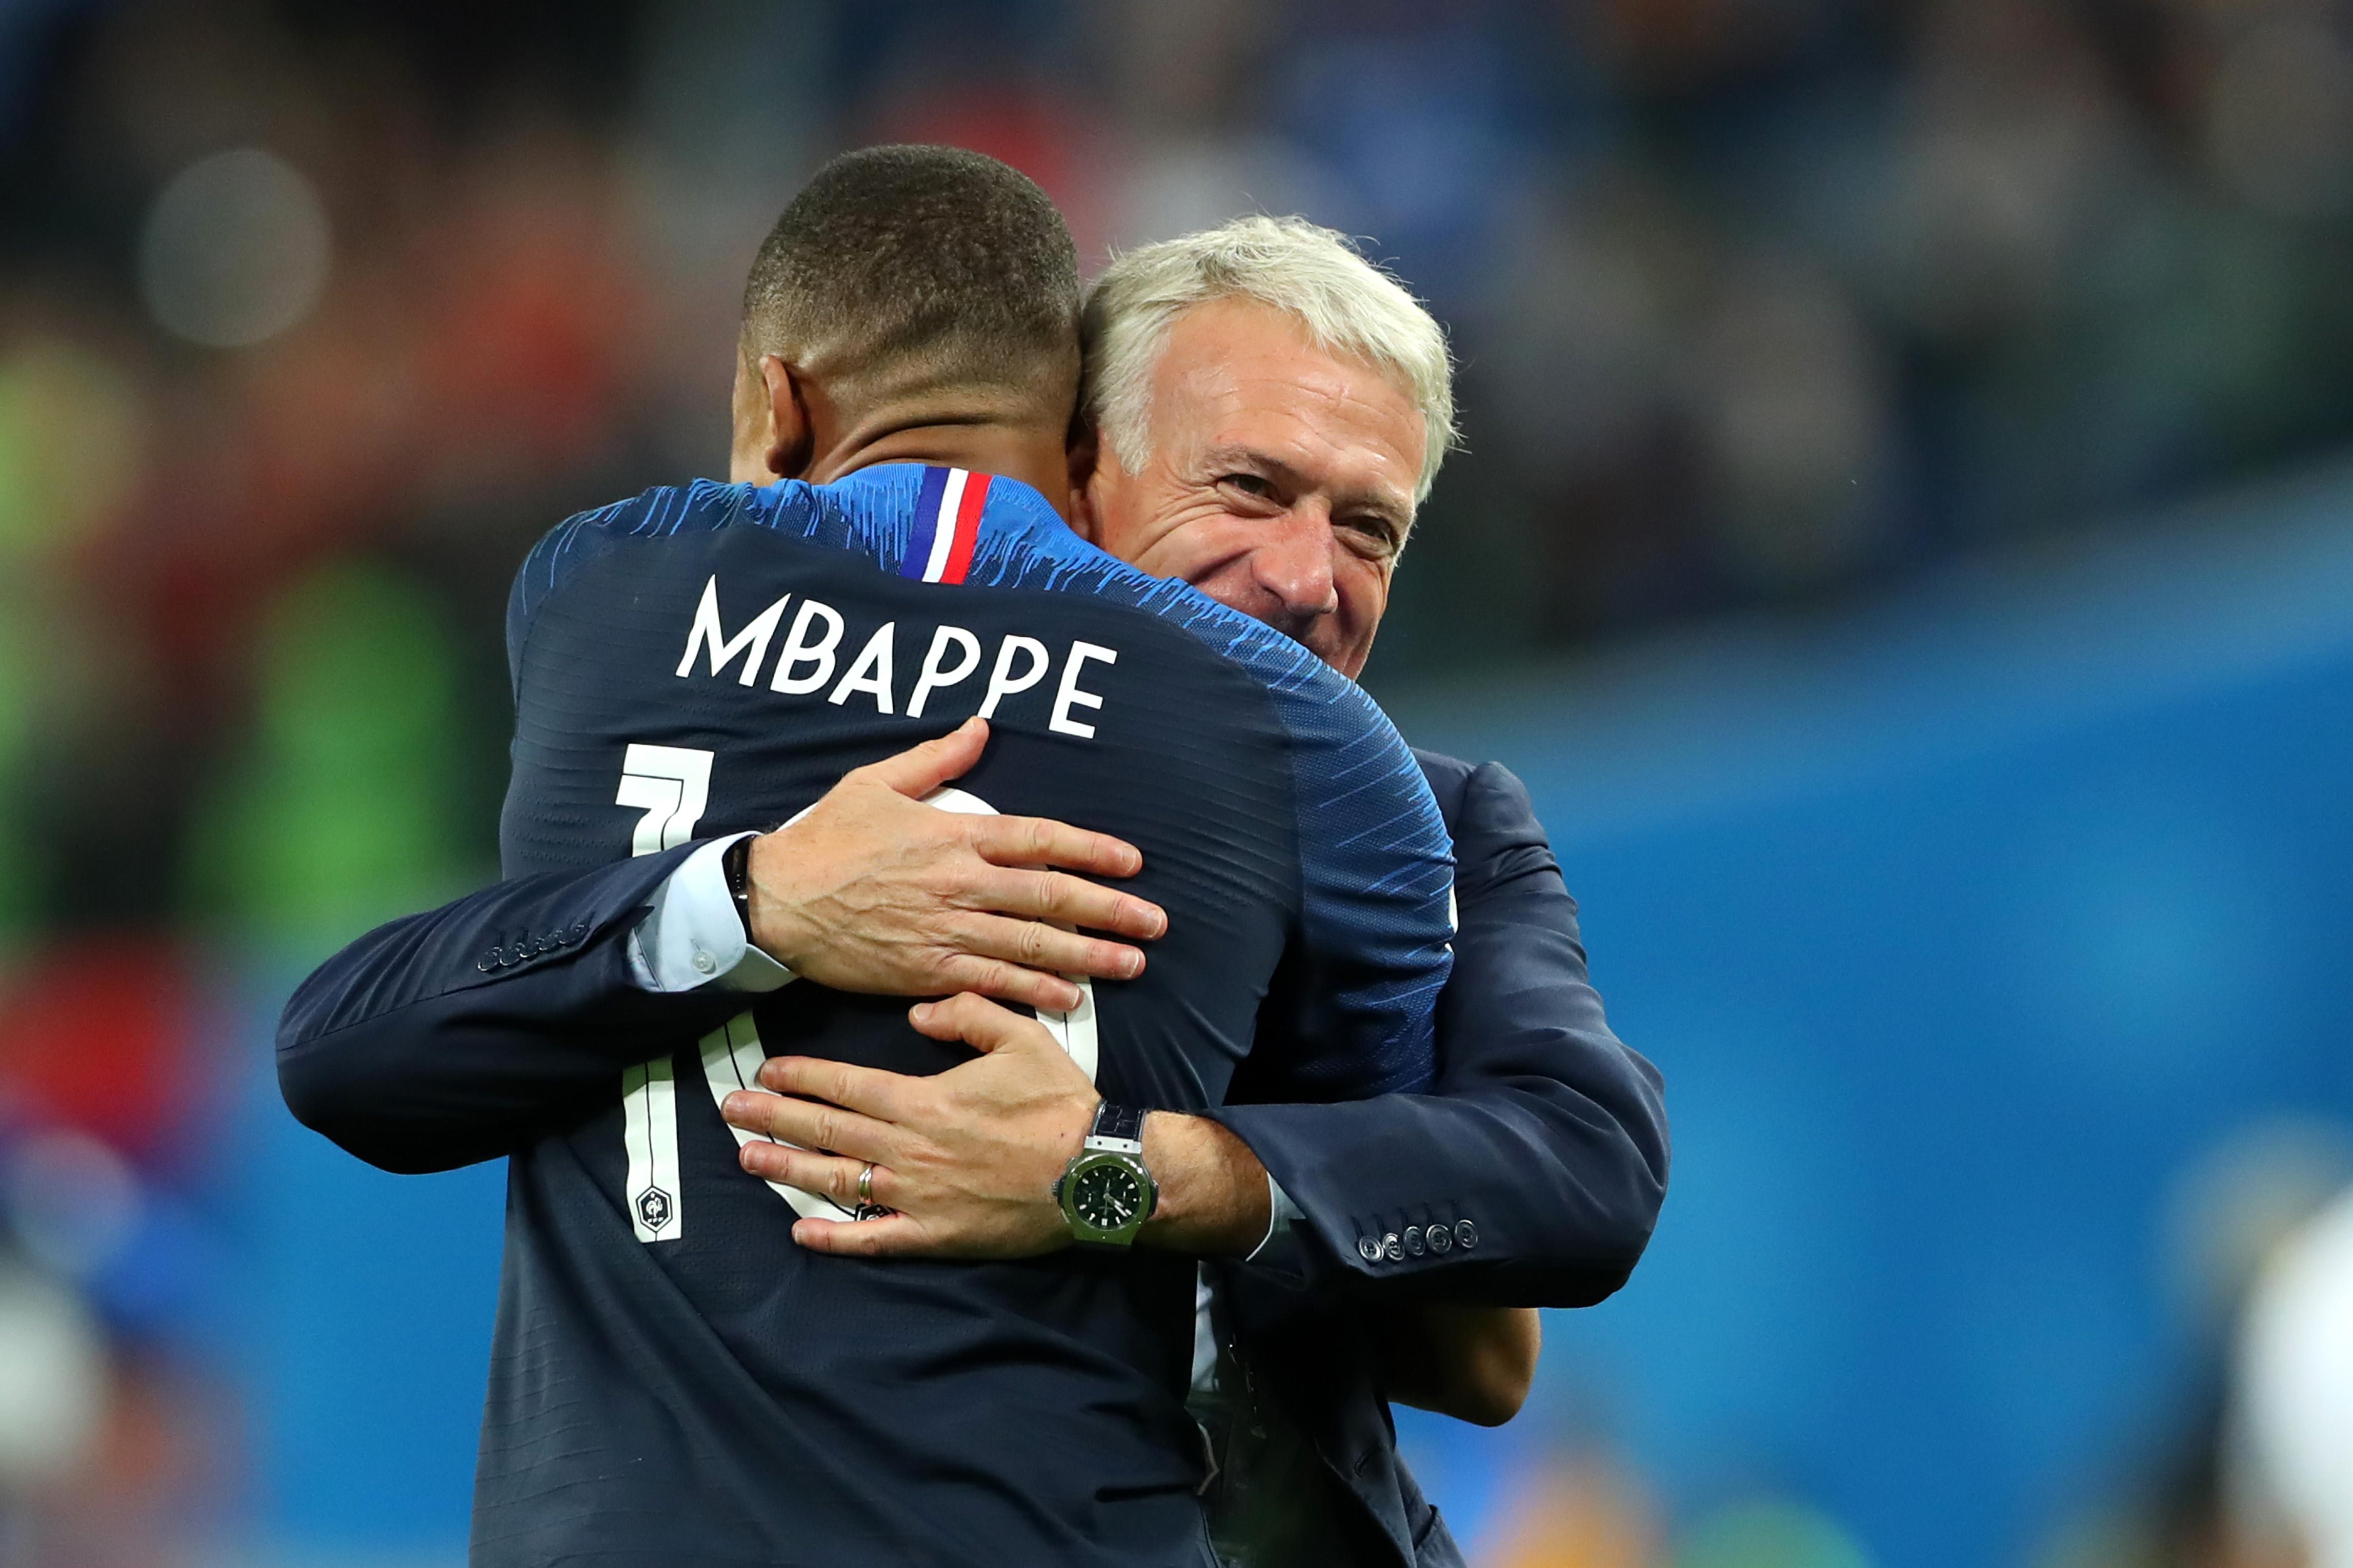 Football - Coupe du monde - Pour Deschamps, Mbappé «ridiculise ses adversaires» mais ne doit pas aller jusqu'à «l'humiliation»